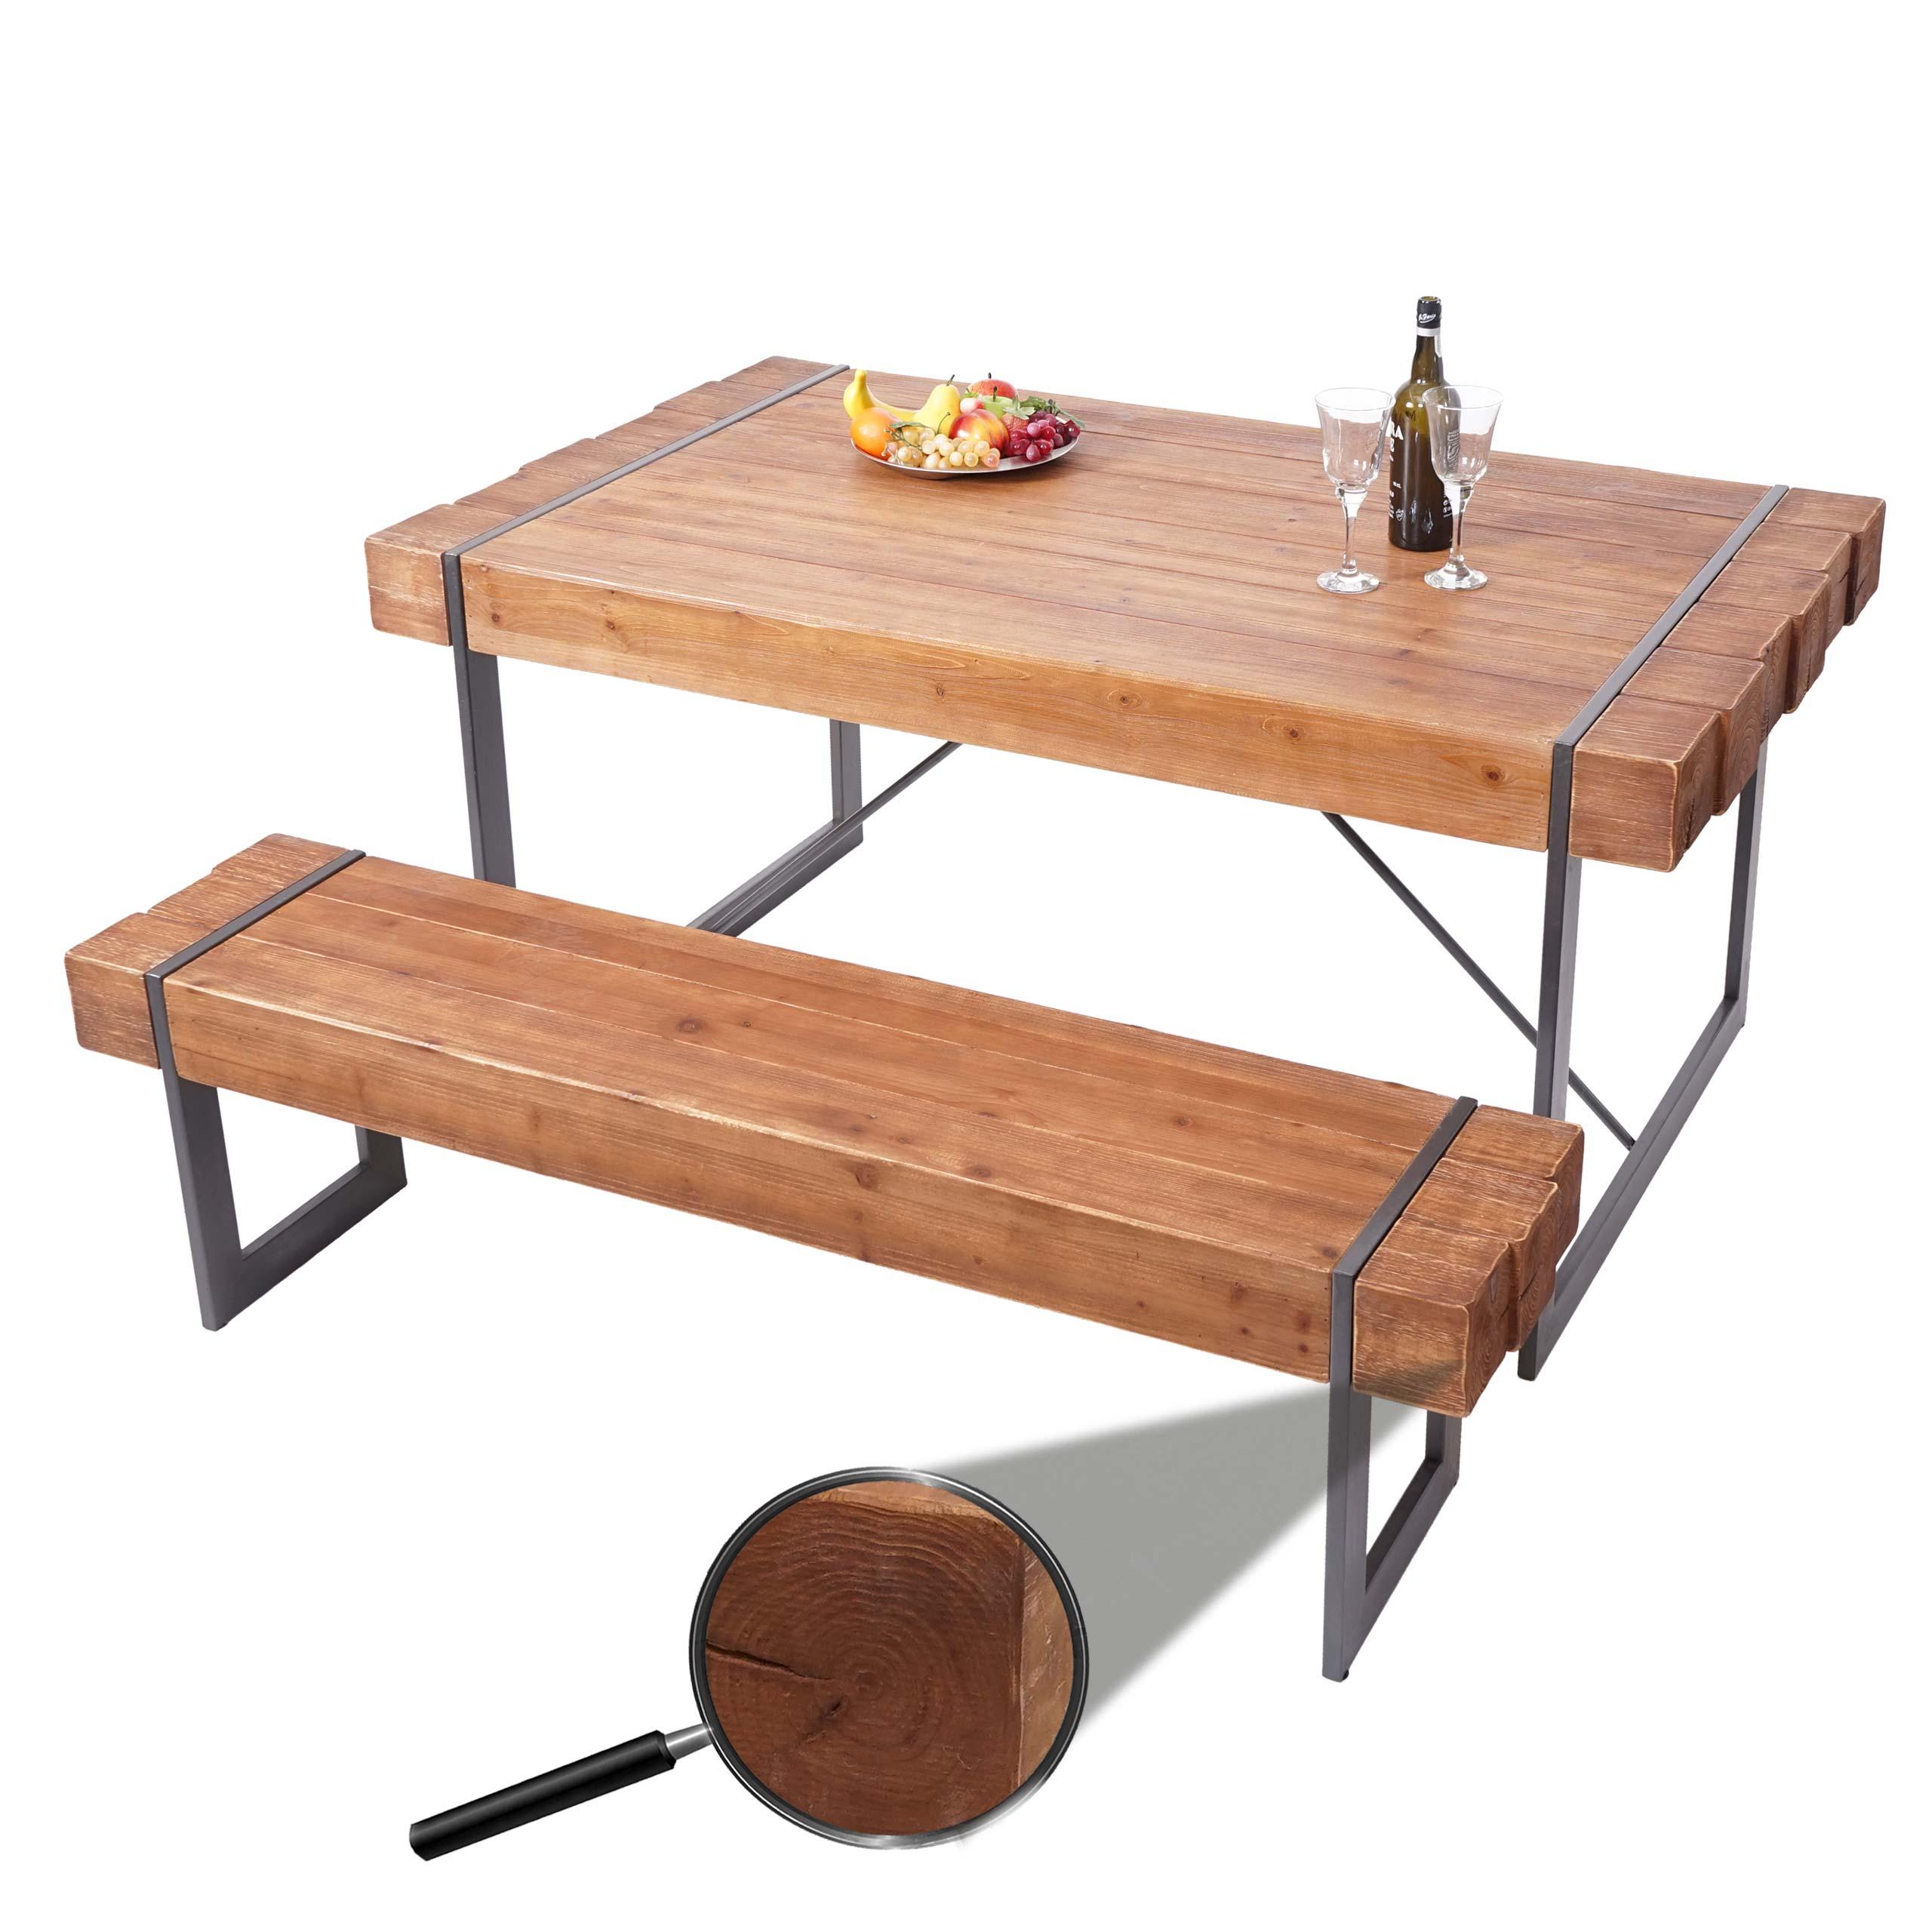 Esszimmergarnitur Hwc A15 Esstisch 1x Sitzbank Tanne Holz Rustikal Massiv Kaufen Bei Mendler Vertriebs Gmbh